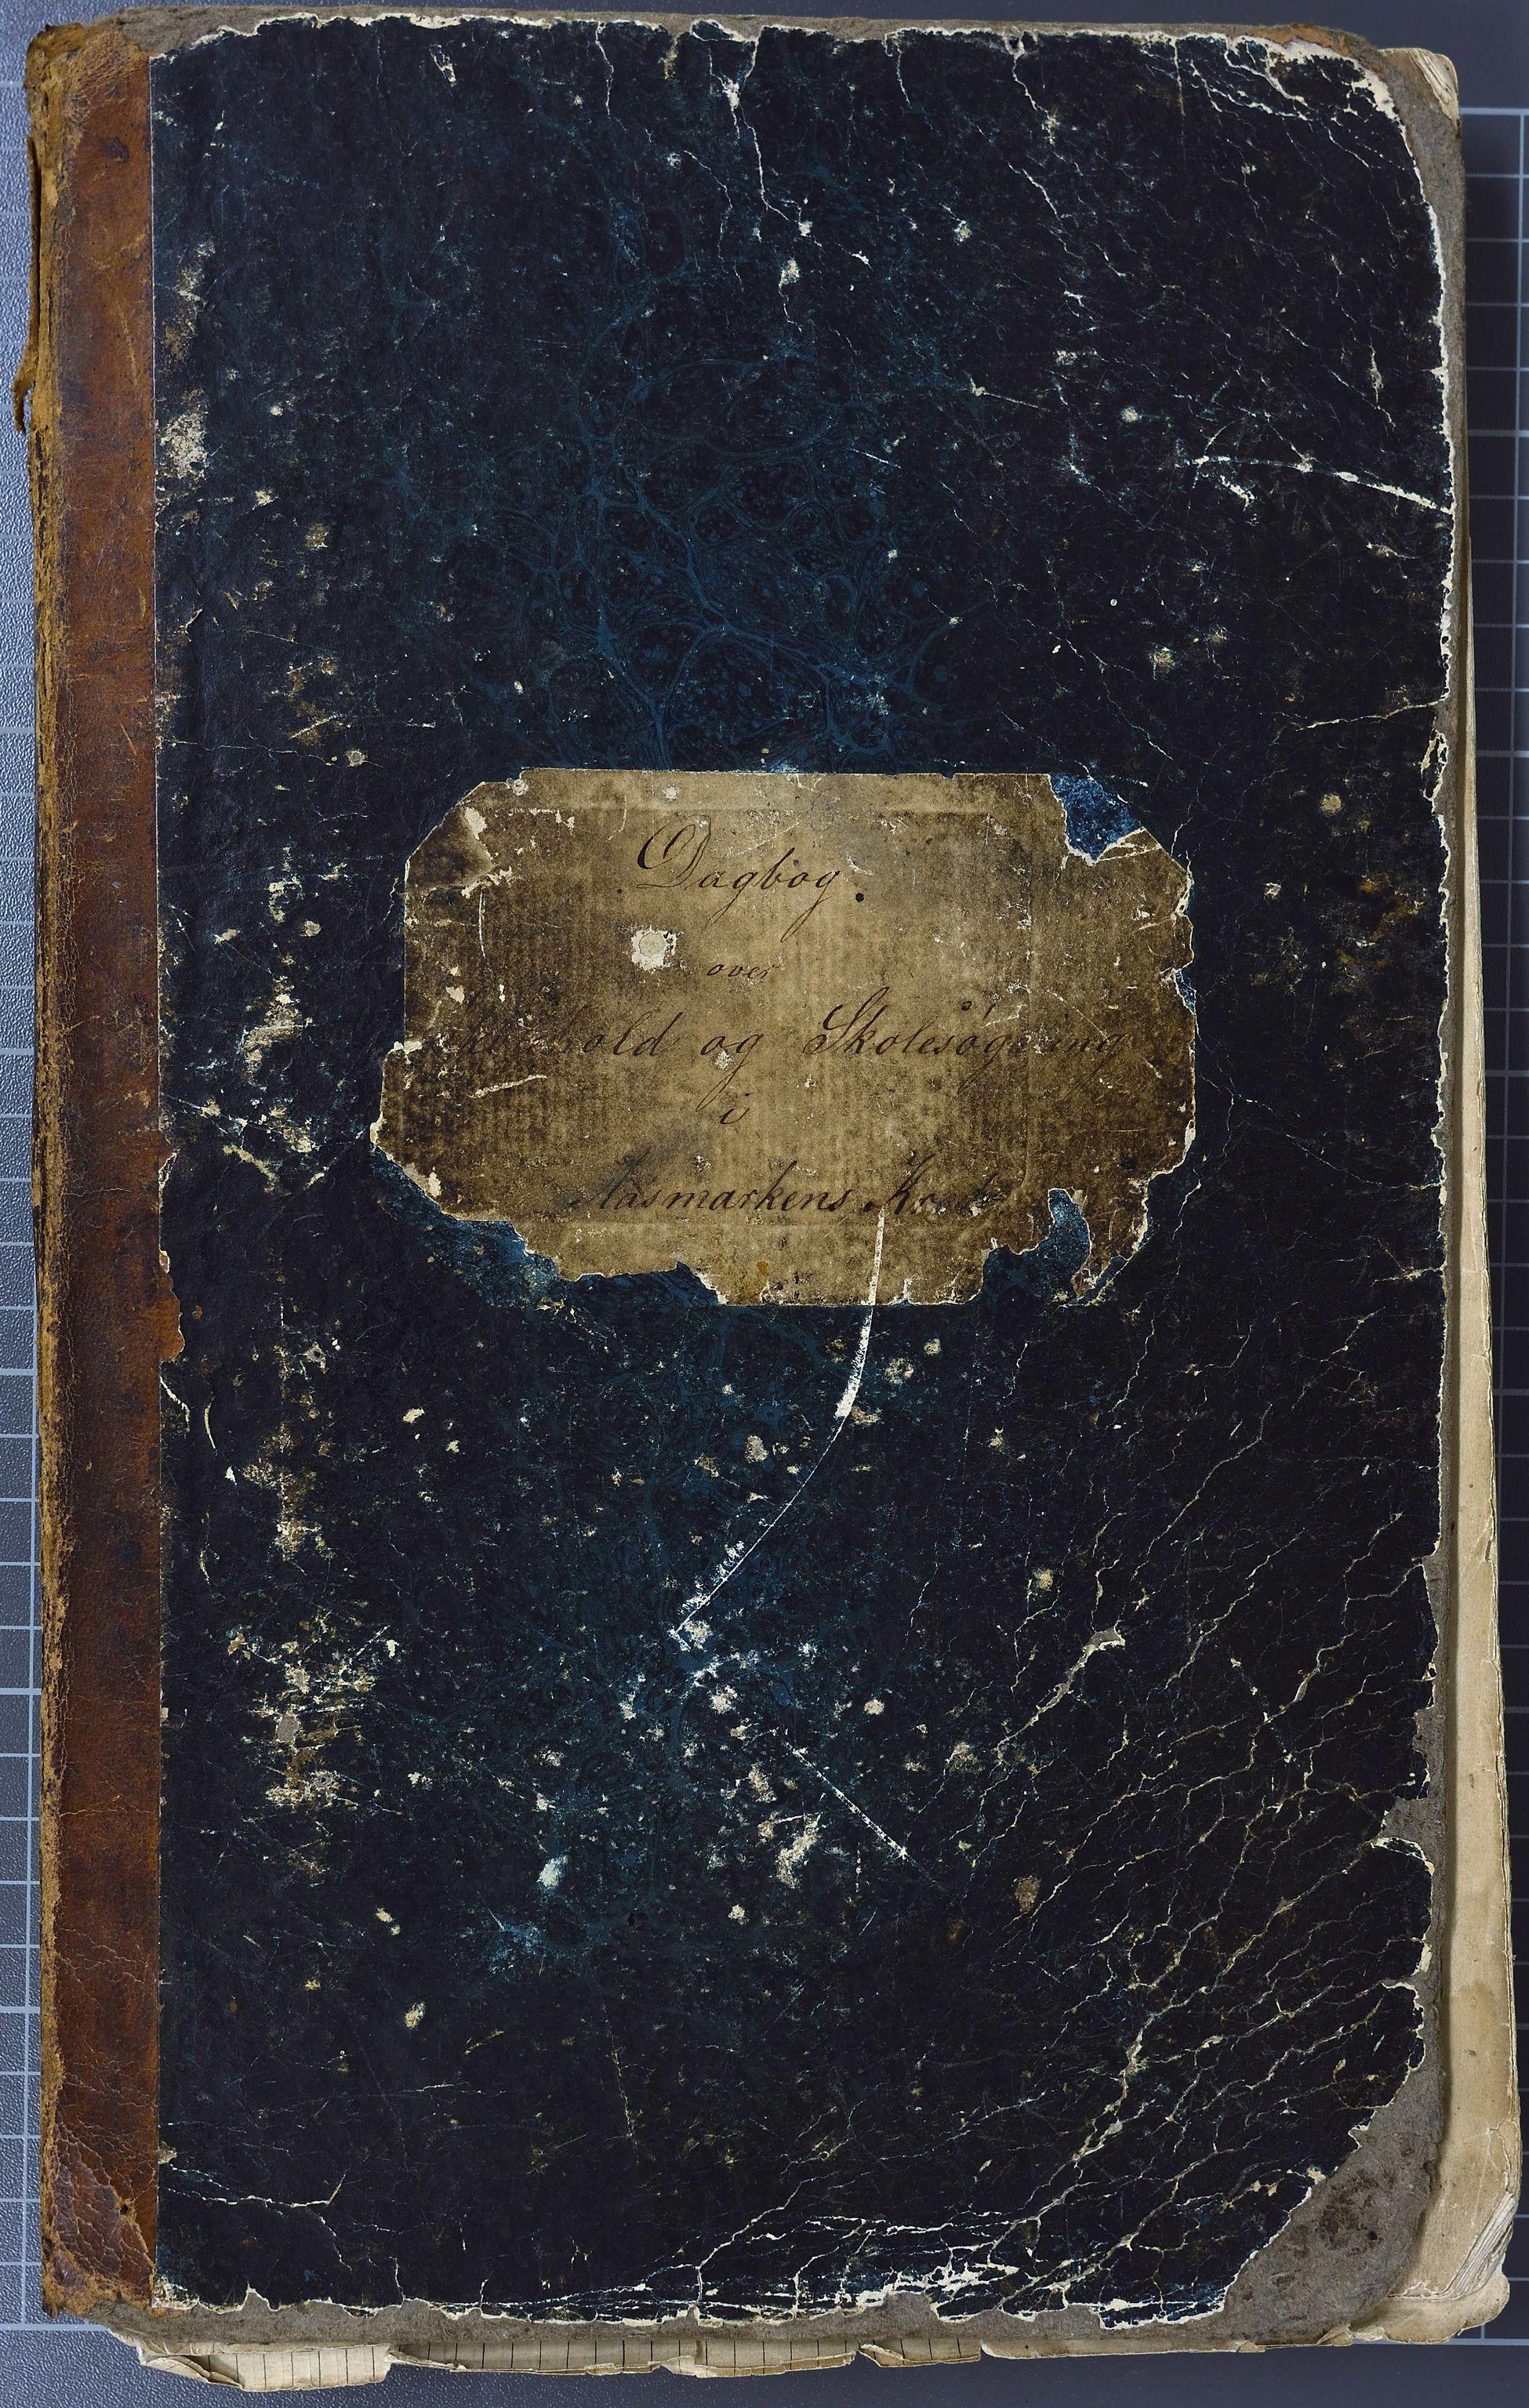 KVT, Vestre Toten kommunearkiv: Skoleprotokoll for Åsmarken skolekrets 1863-1898 i Vestre Toten kommune, 1863-1898